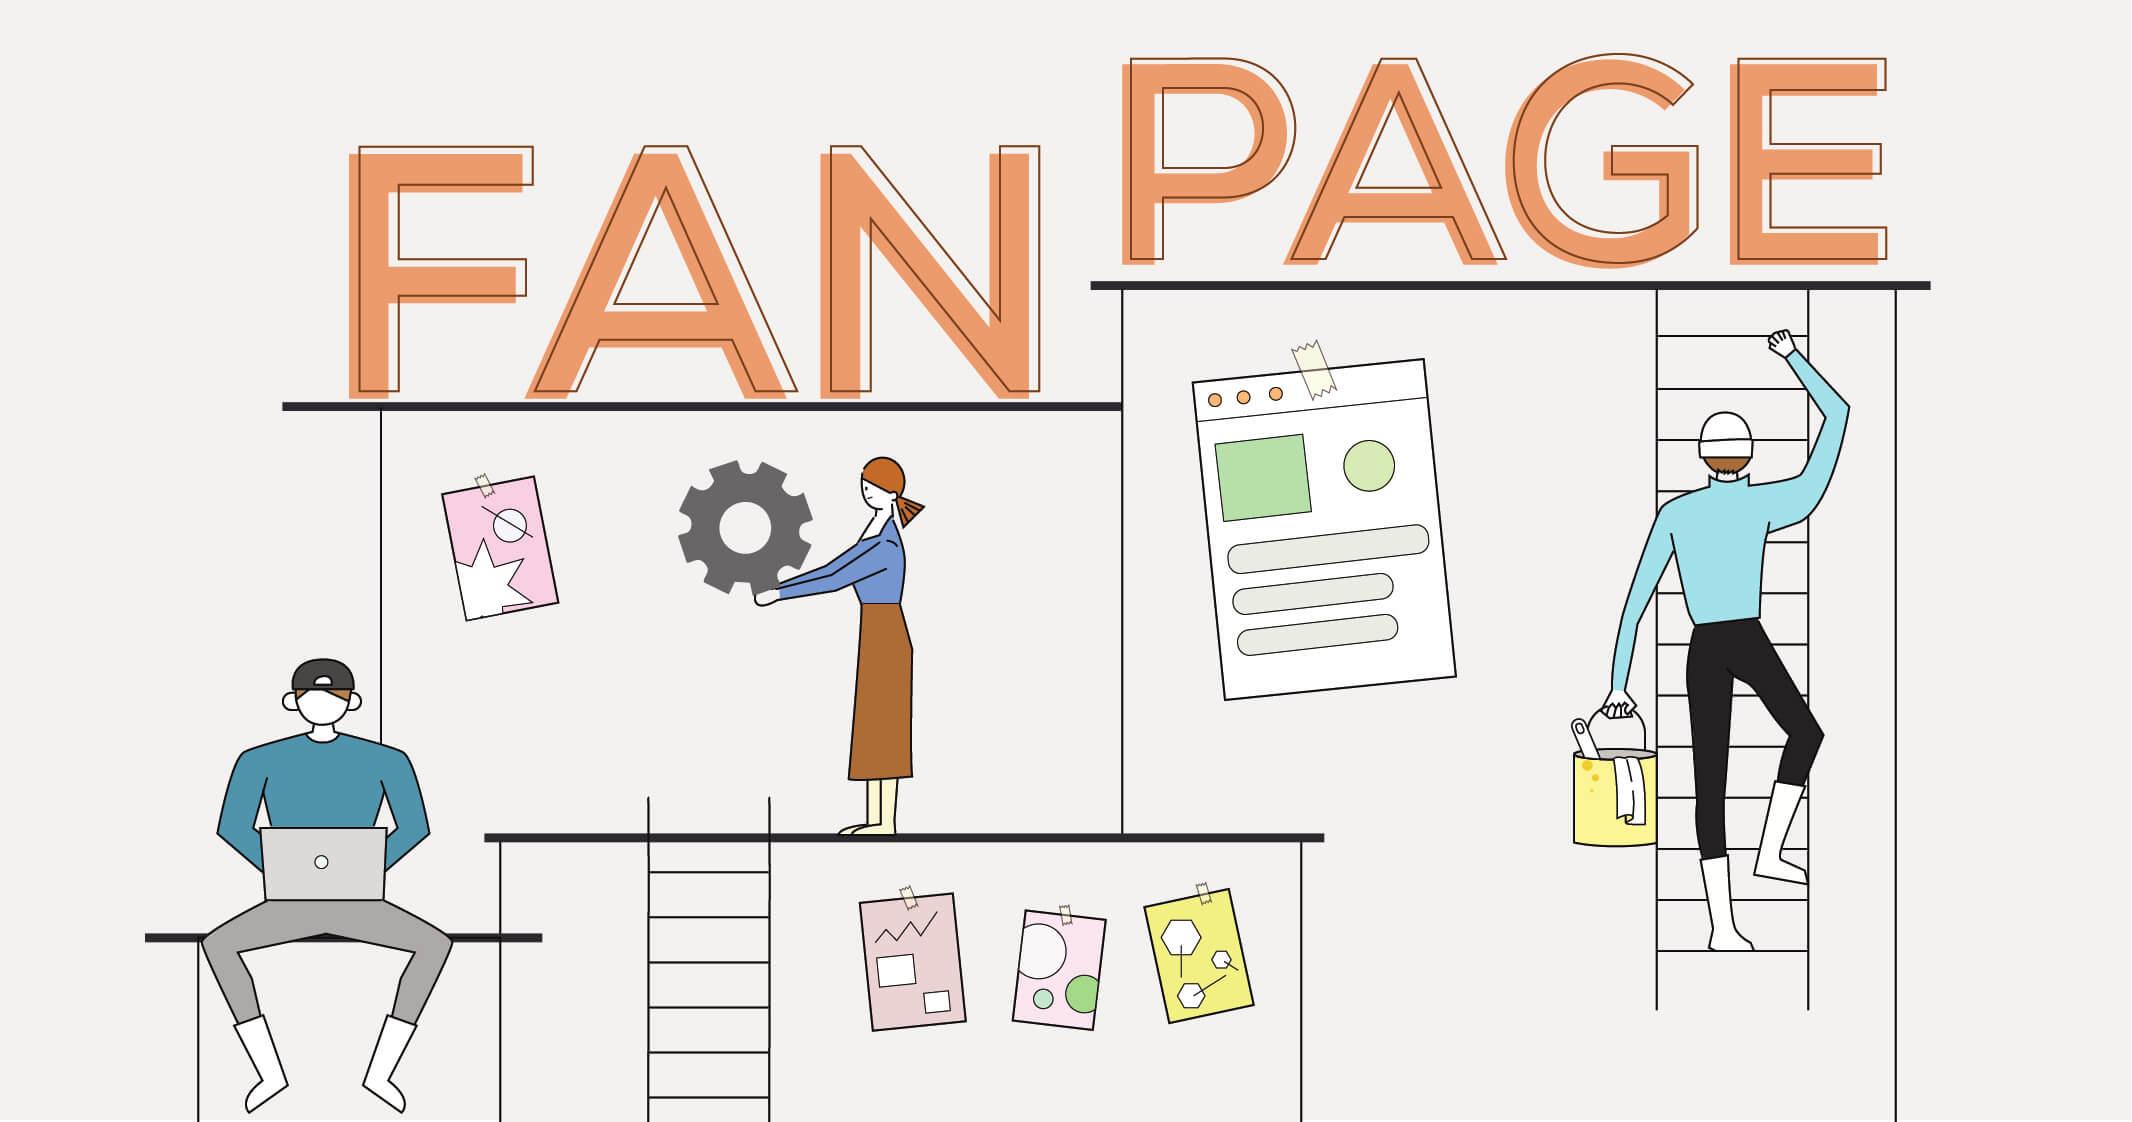 cách xây dựng landing page hiệu quả là gì? Xây dựng câu chuyện cho page là một việc làm hữu hiệu